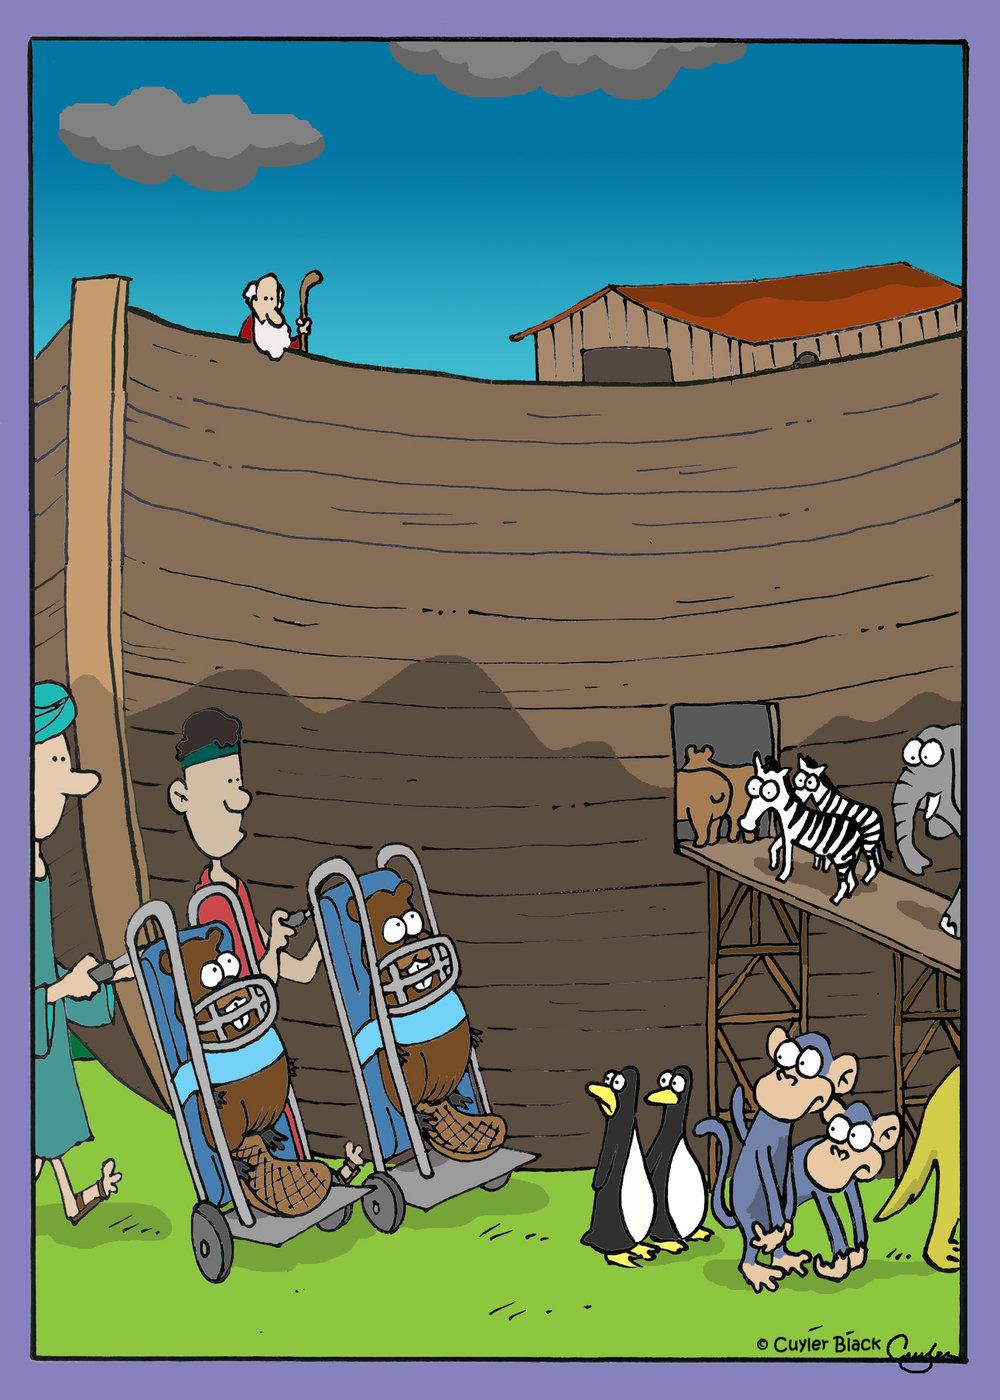 La teoría del Arca de Noé hace aguas